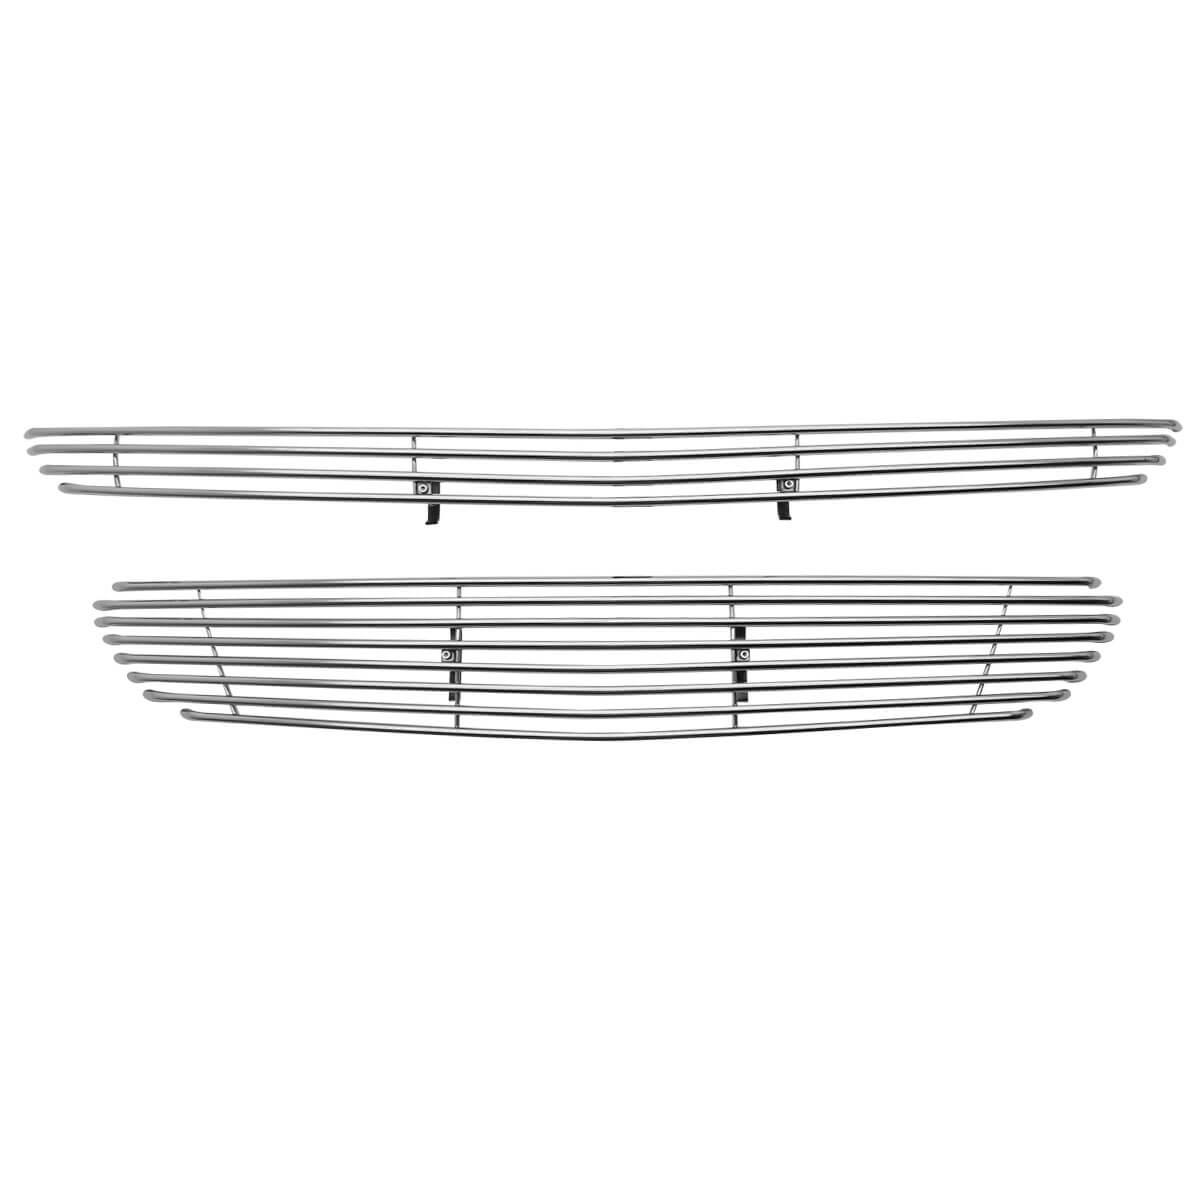 Sobre grade filetada em aço inox Nova S10 2017 - kit 2 peças